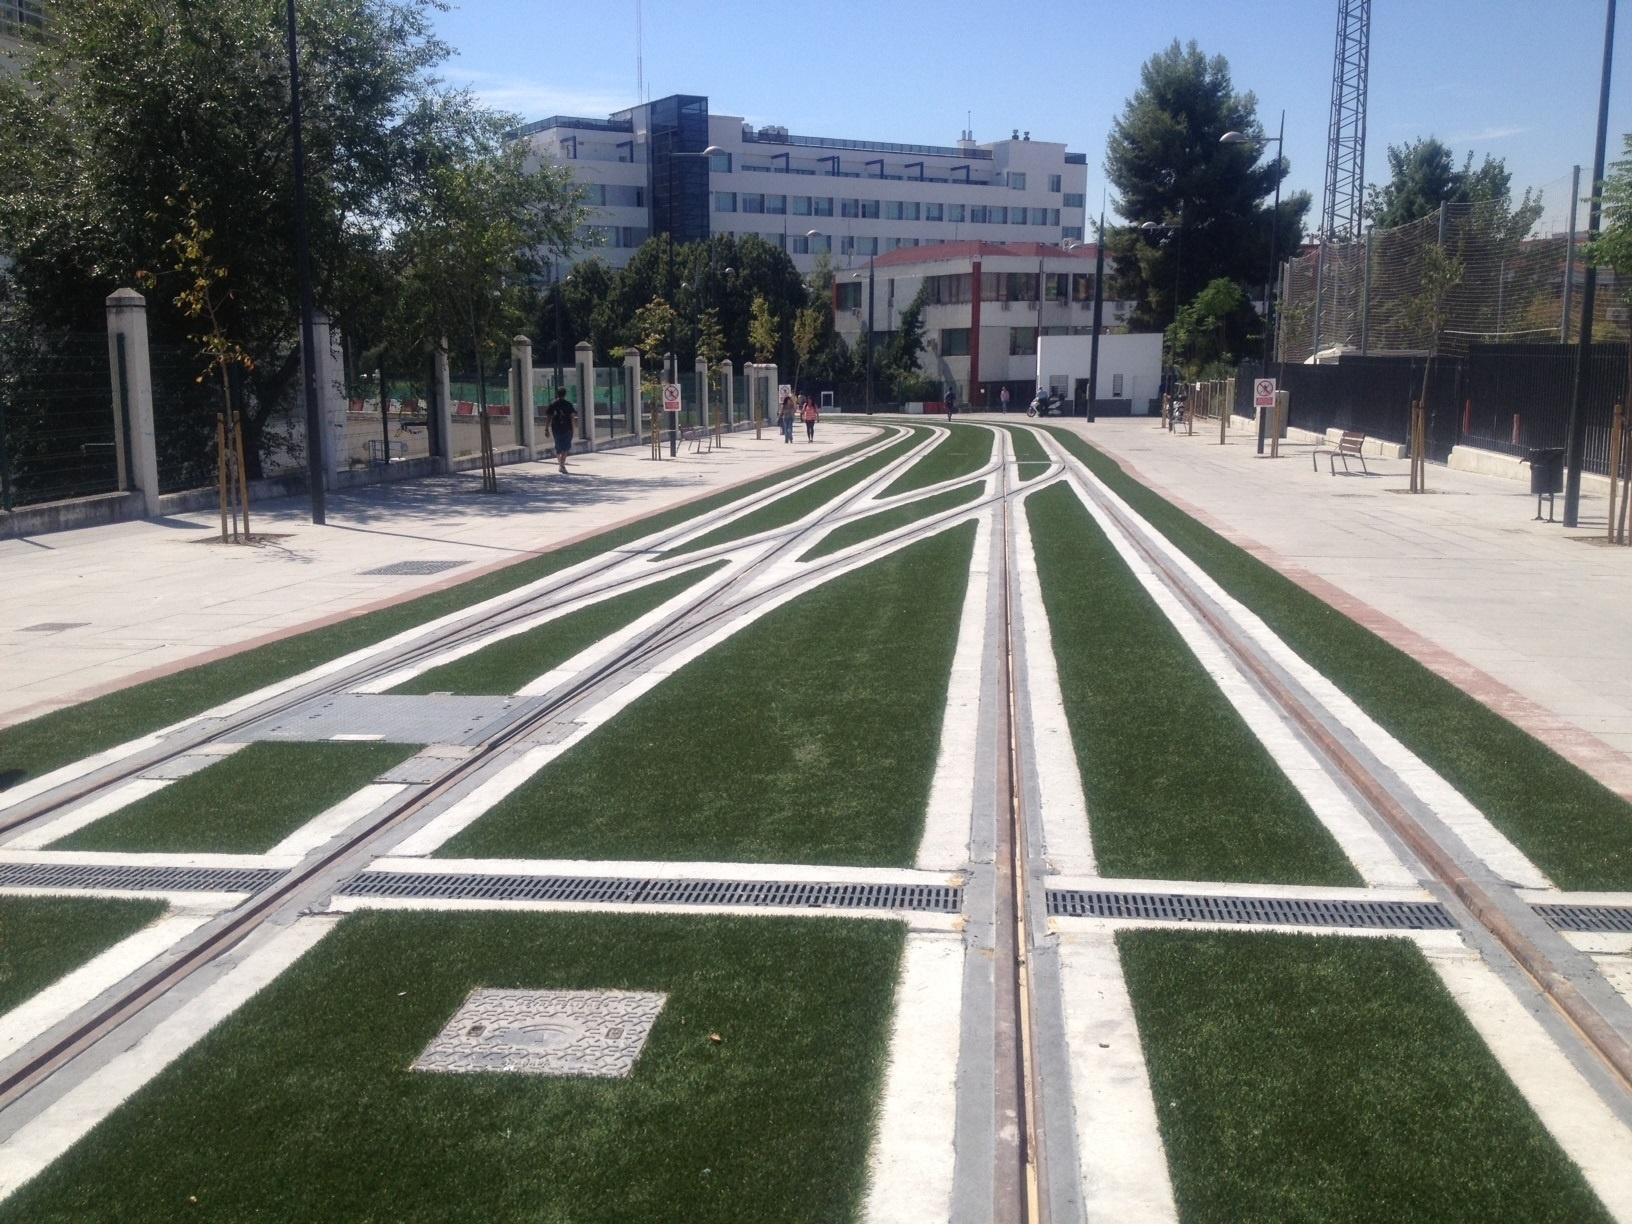 Concluye la ejecución de la plataforma y las vías del Metro entre Villarejo y la Avenida de los Andaluces